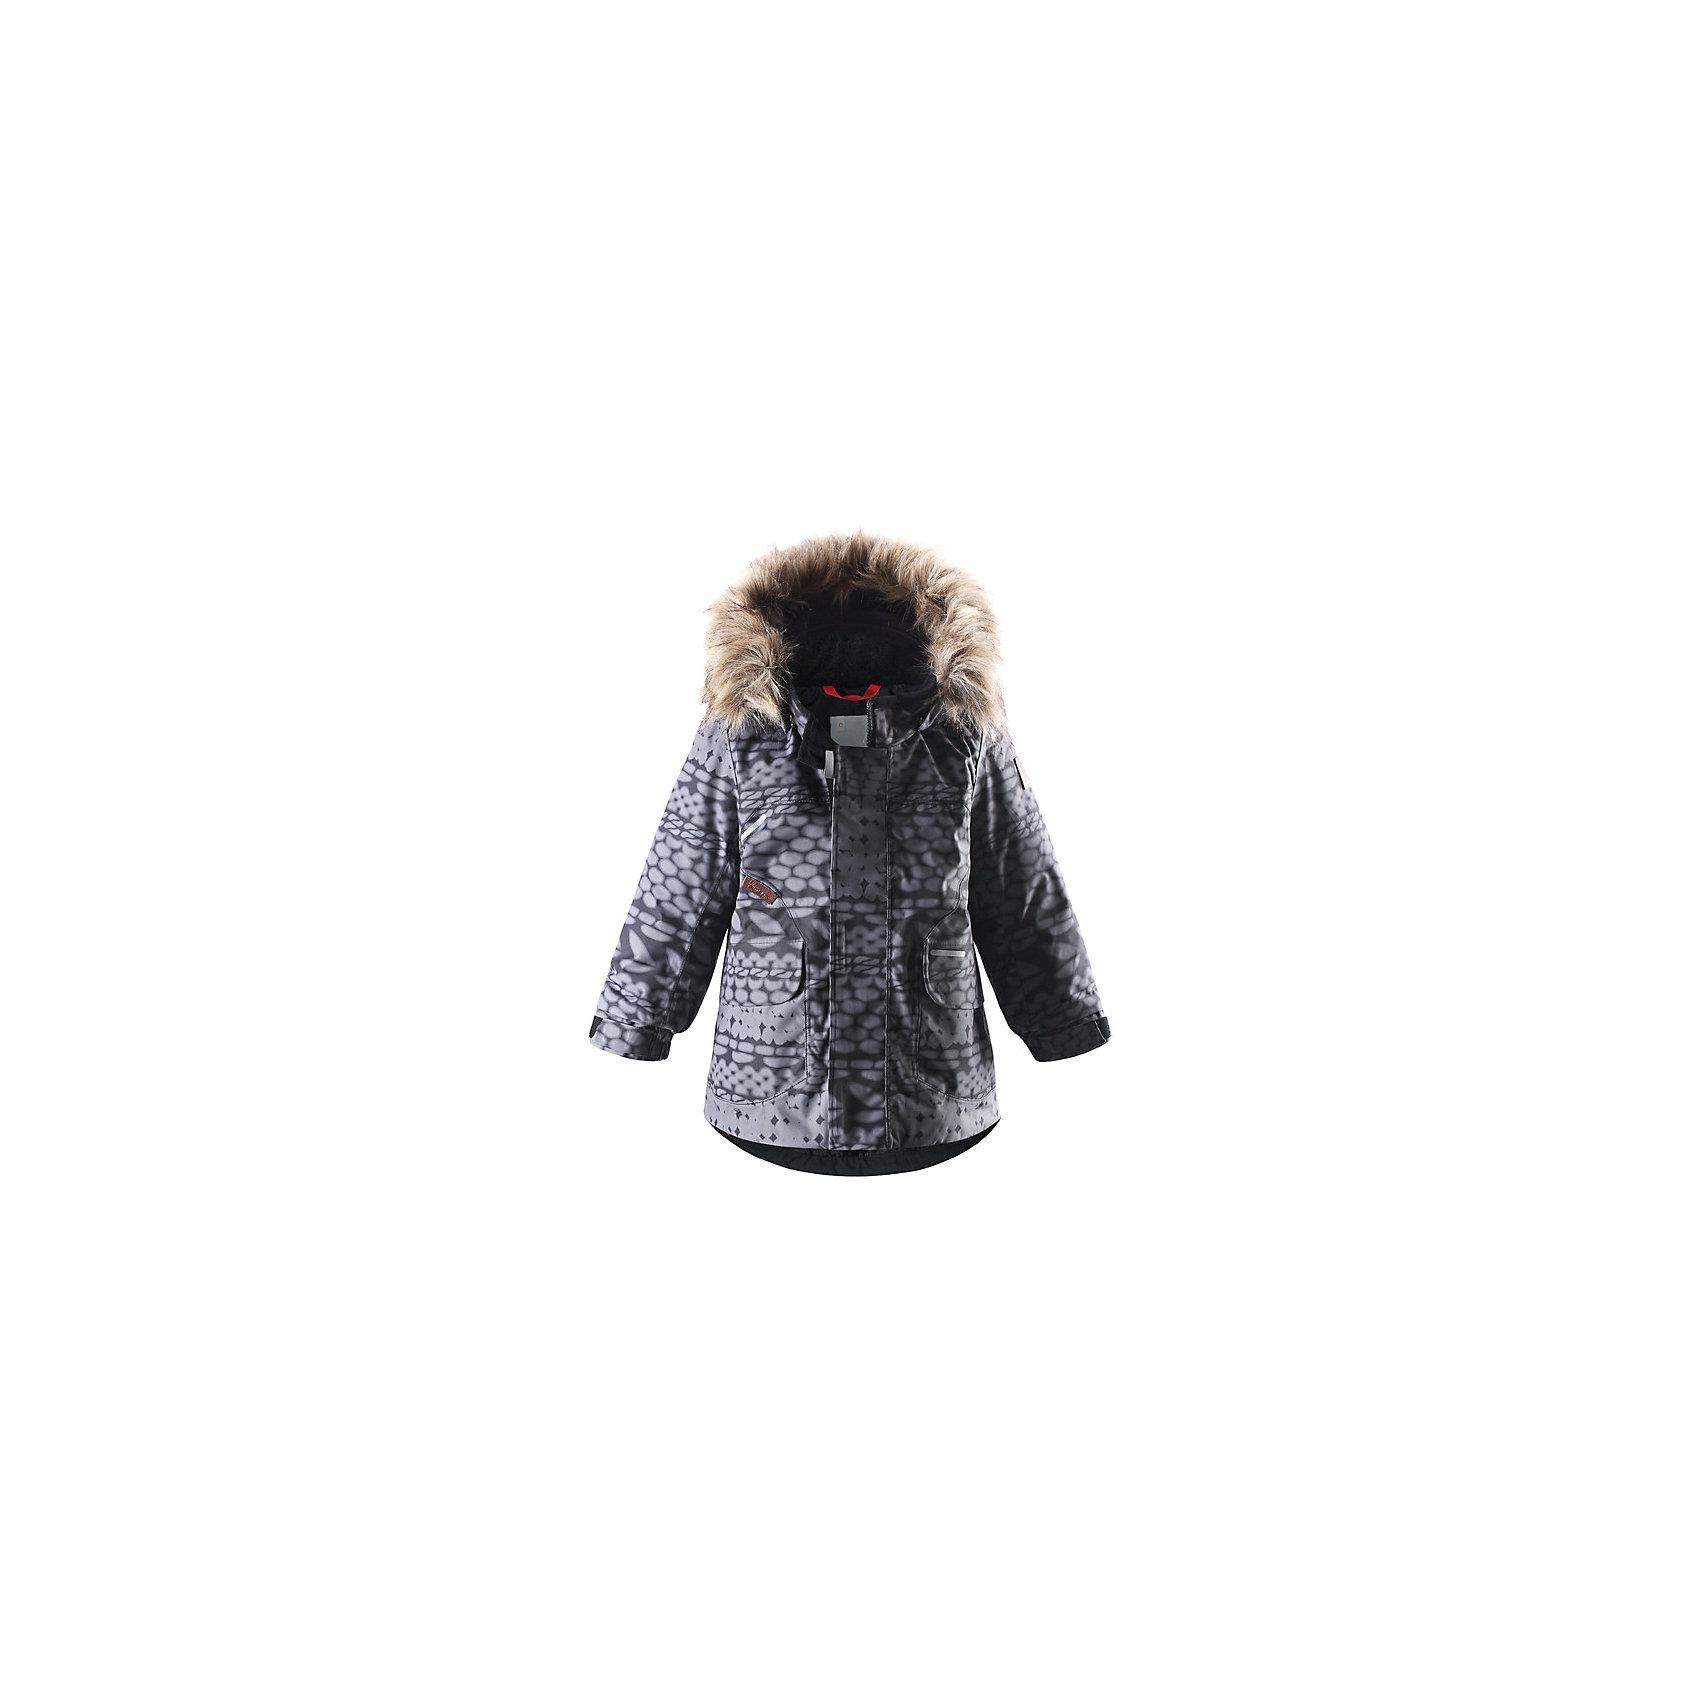 Куртка Reimatec® ReimaОдежда<br>Эта классическая куртка для малышей водо- и ветронепроницаема! Эта модная совершенно водонепроницаемая, но пропускающая воздух зимняя куртка сделана из сертифицированного материала bluesign®. Покупатель может быть уверен, что материал надёжен и создаётся с минимальным воздействием на окружающую среду и здоровье. Все швы проклеены, водонепроницаемы, чтобы вода или влага не попала внутрь на прогулке. Куртка прямого покроя с регулируемым подогнутым краем и манжетами подходит как для девочек, так и для мальчиков. Это идеальный выбор для прогулки по городу. В этой куртке также будет тепло и уютно попрыгать на игровой площадке. Отстёгивающаяся отделка из искусственного меха на капюшоне добавляет этому стилю элегантный штрих, а в большие карманы с клапанами можно класть варежки, когда заходишь домой передохнуть. Съёмный капюшон безопасен для игр на улице. Если закреплённый кнопками капюшон зацепится за что-нибудь, он легко отстегнётся. Выбери свой любимый цвет из трендов этого сезона!<br><br>Водонепроницаемая зимняя куртка для малышей<br>Основной одобренный материал - bluesign®<br>Безопасный съёмный капюшон с отстёгивающейся отделкой из искусственного меха<br>Удлинённые рукава<br>Большие карманы с клапанами<br>Состав:<br>100% ПА, ПУ-покрытие<br>Средняя степень утепления (до - 20)<br><br>Куртку Reimatec® (Рейматек) Reima (Рейма) можно купить в нашем магазине.<br><br>Ширина мм: 356<br>Глубина мм: 10<br>Высота мм: 245<br>Вес г: 519<br>Цвет: черный<br>Возраст от месяцев: 6<br>Возраст до месяцев: 9<br>Пол: Унисекс<br>Возраст: Детский<br>Размер: 98,74,92,86,80<br>SKU: 4208053